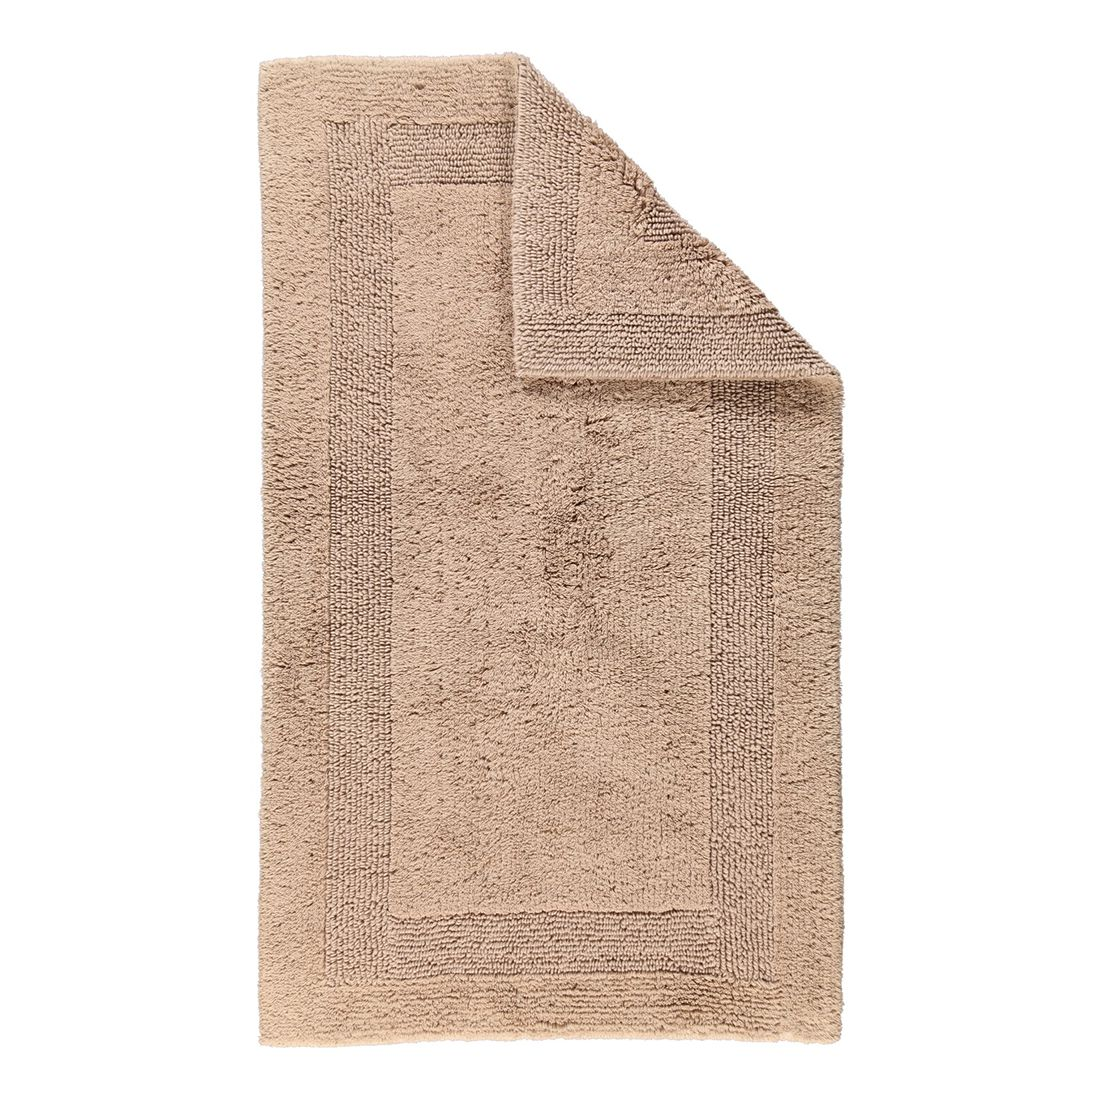 Badteppich Luxus Badteppich 1000 – 100% Baumwolle Sand – 375 – Abmessungen: 60 x 100 cm, Cawö bestellen